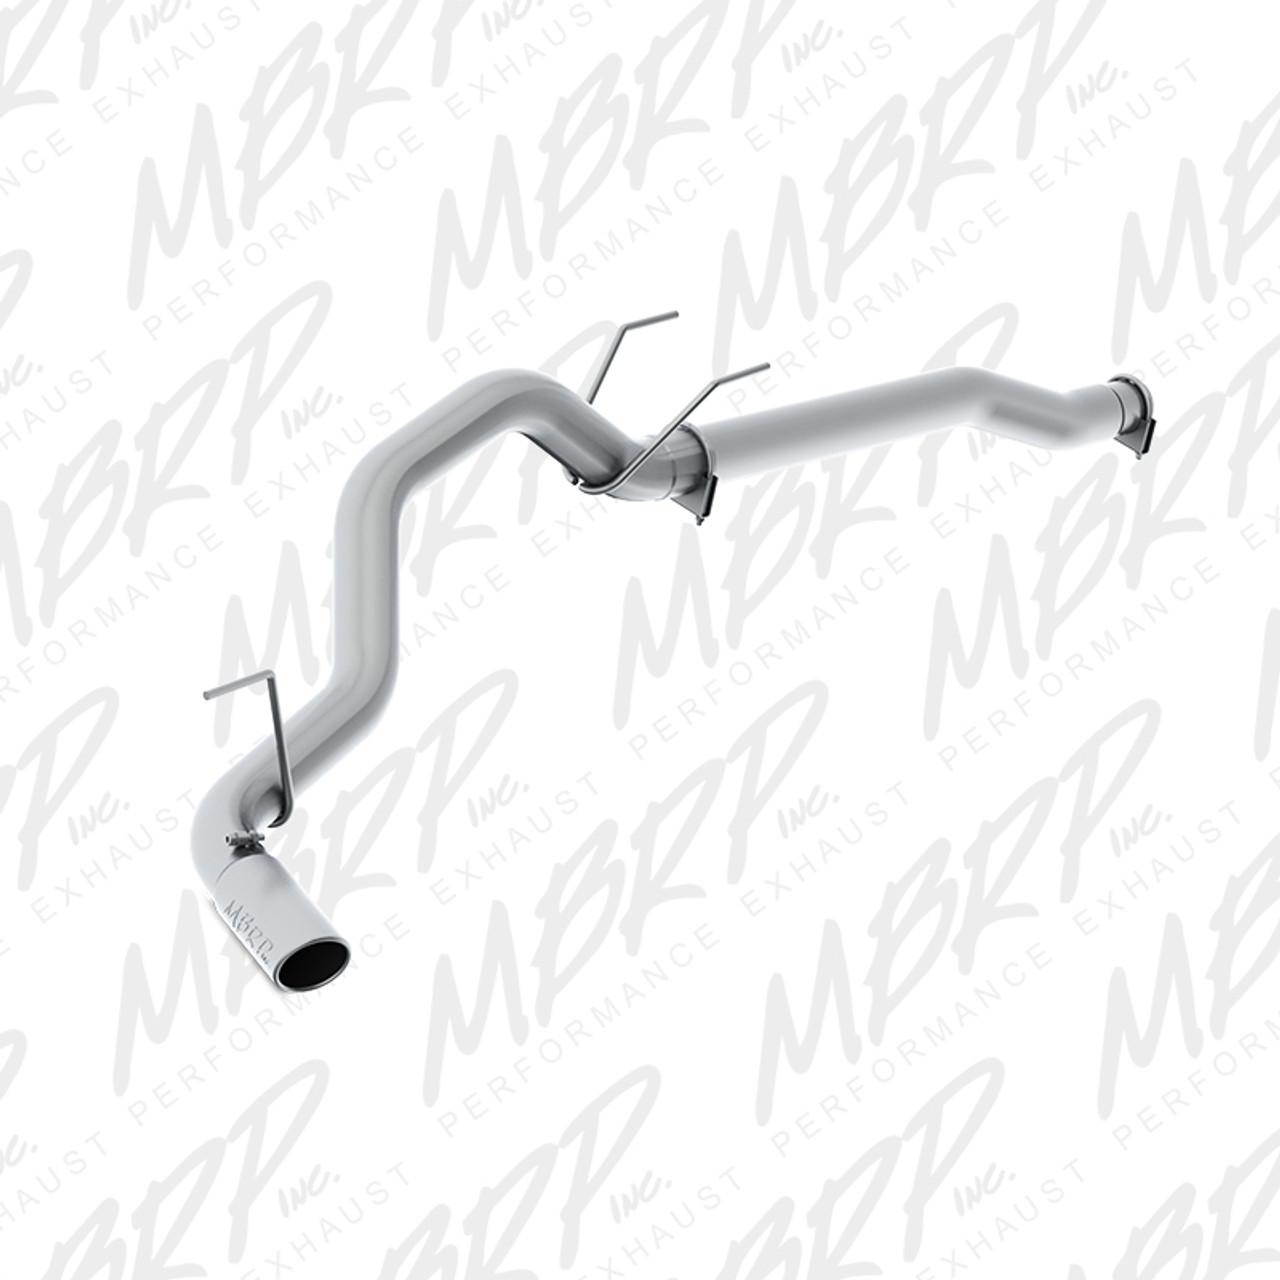 """MBRP 2014 Dodge Ram 1500 3.0L Ecodiesel 3.5"""" Filter Back, Single Side Exit, AL"""